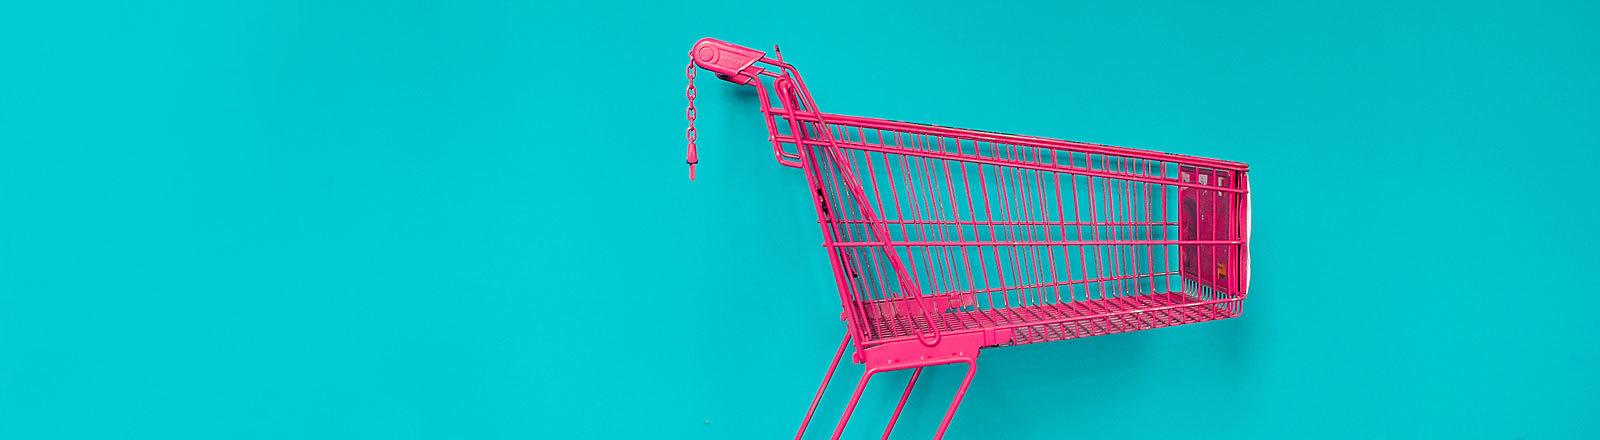 pinker Einkaufswagen vor türkisfarbener Wand